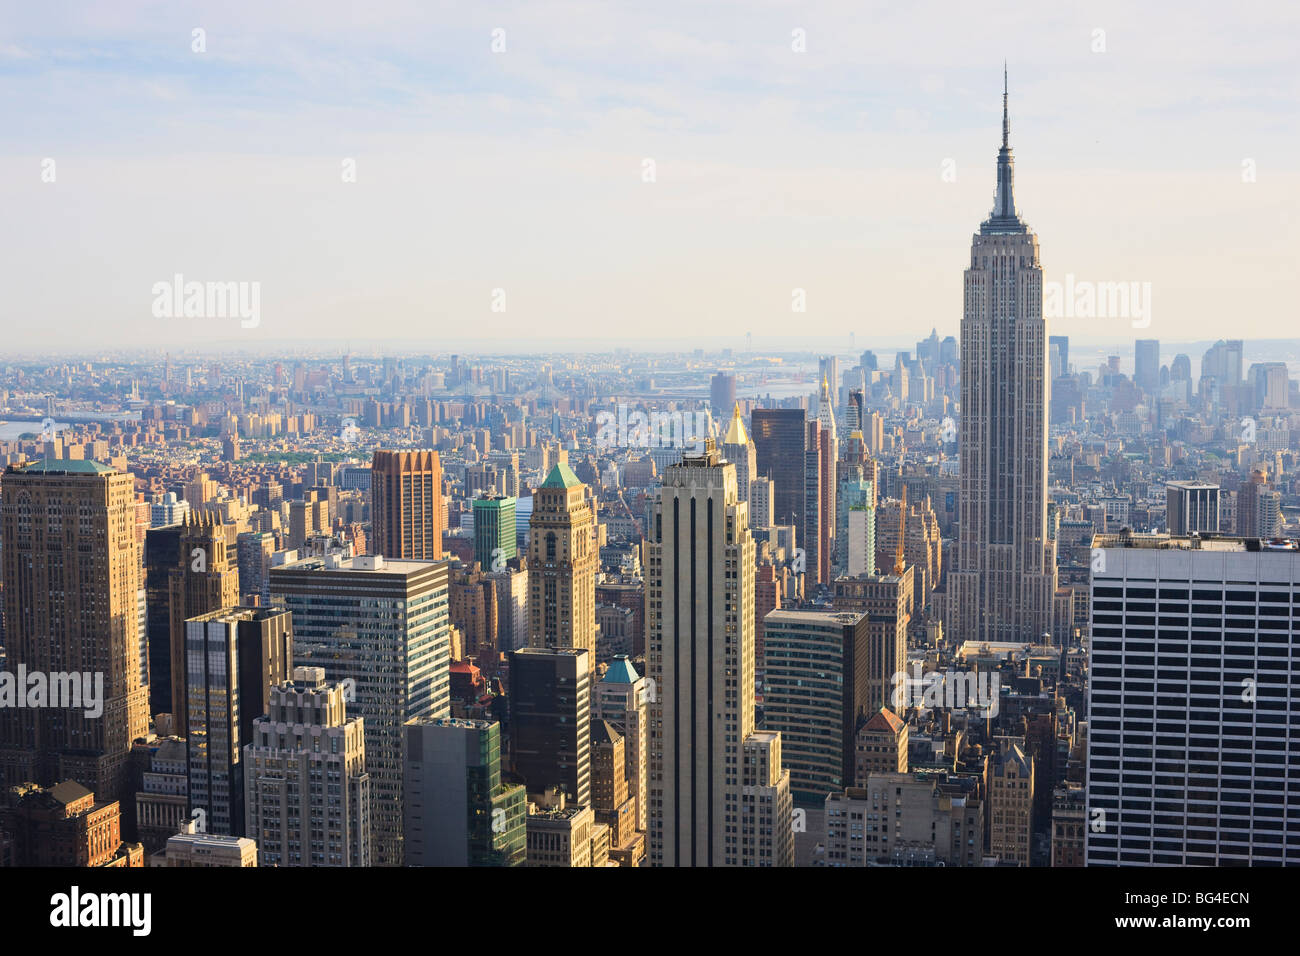 Empire State Building und Manhattan Stadtbild, New York City, New York, Vereinigte Staaten von Amerika, Nordamerika Stockfoto